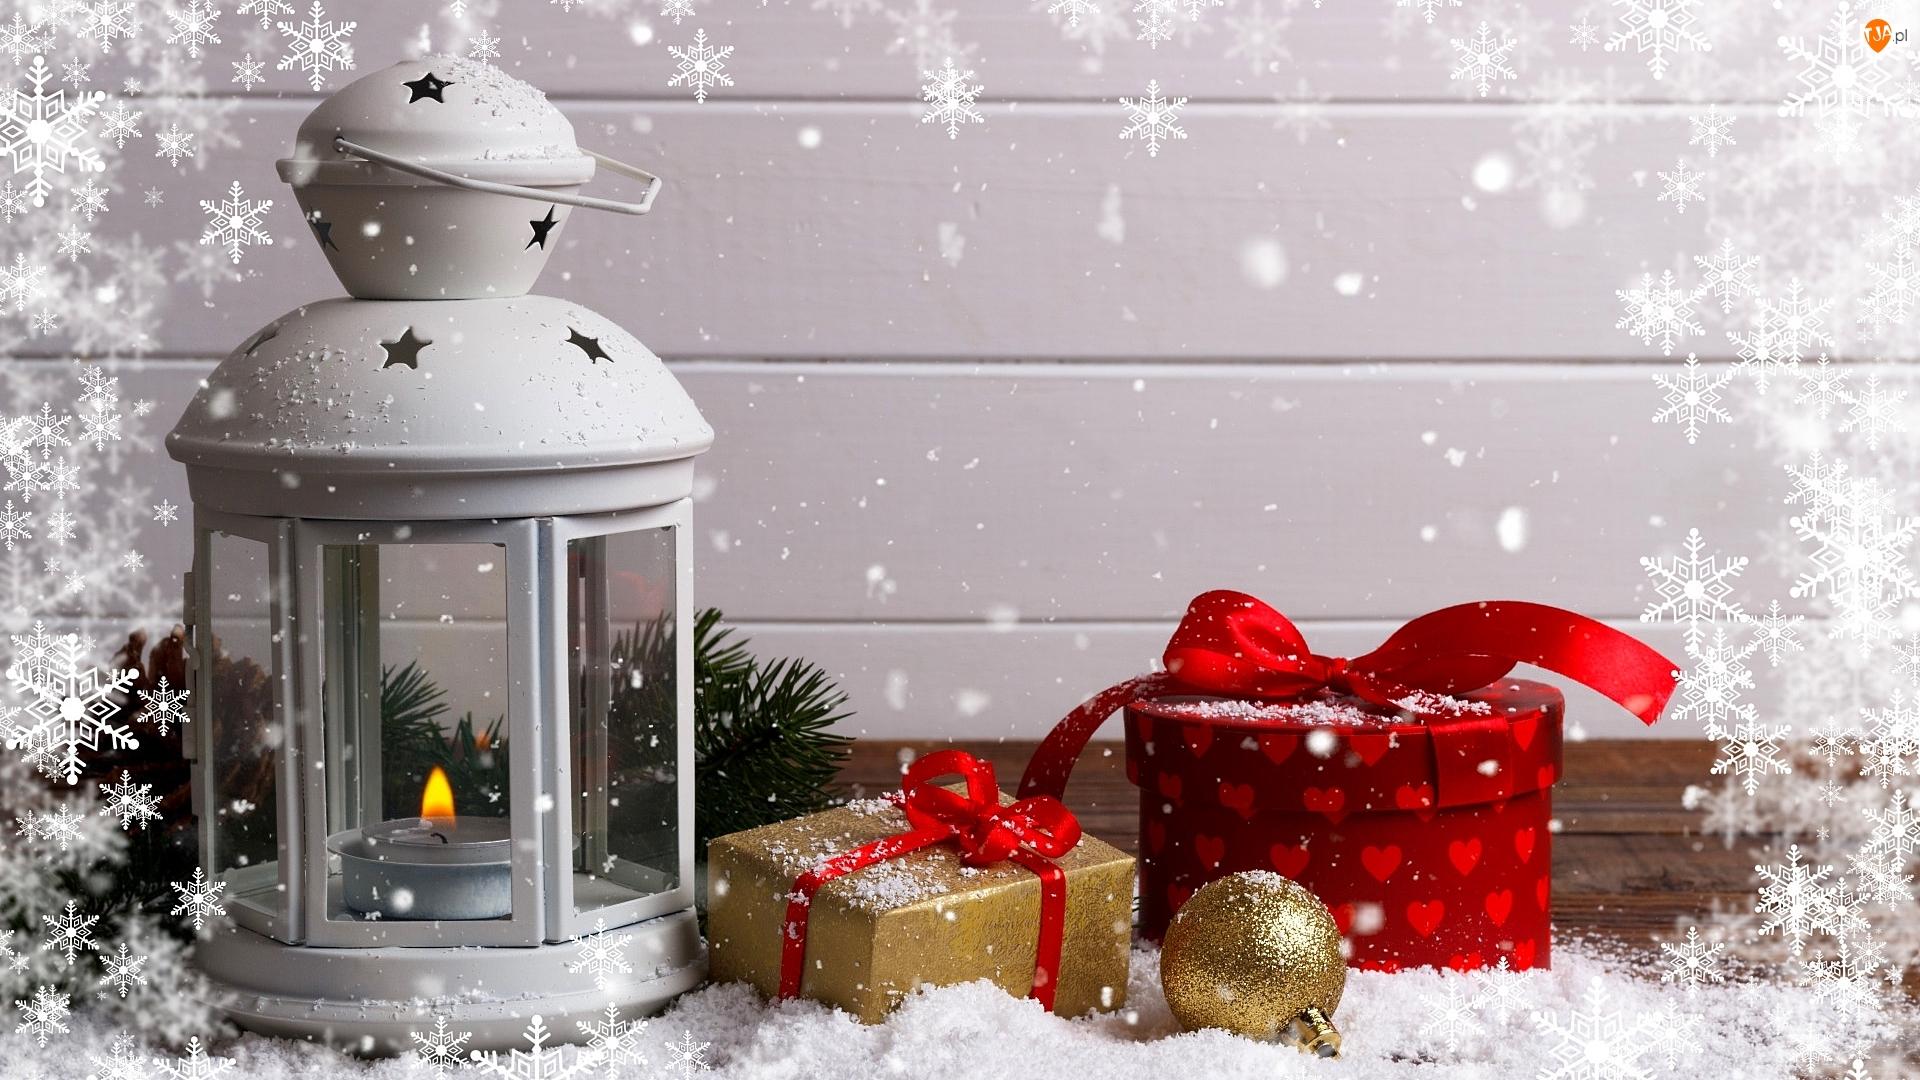 Świeczka, Lampion, Bombka, Boże Narodzenie, Prezenty, Śnieżynki